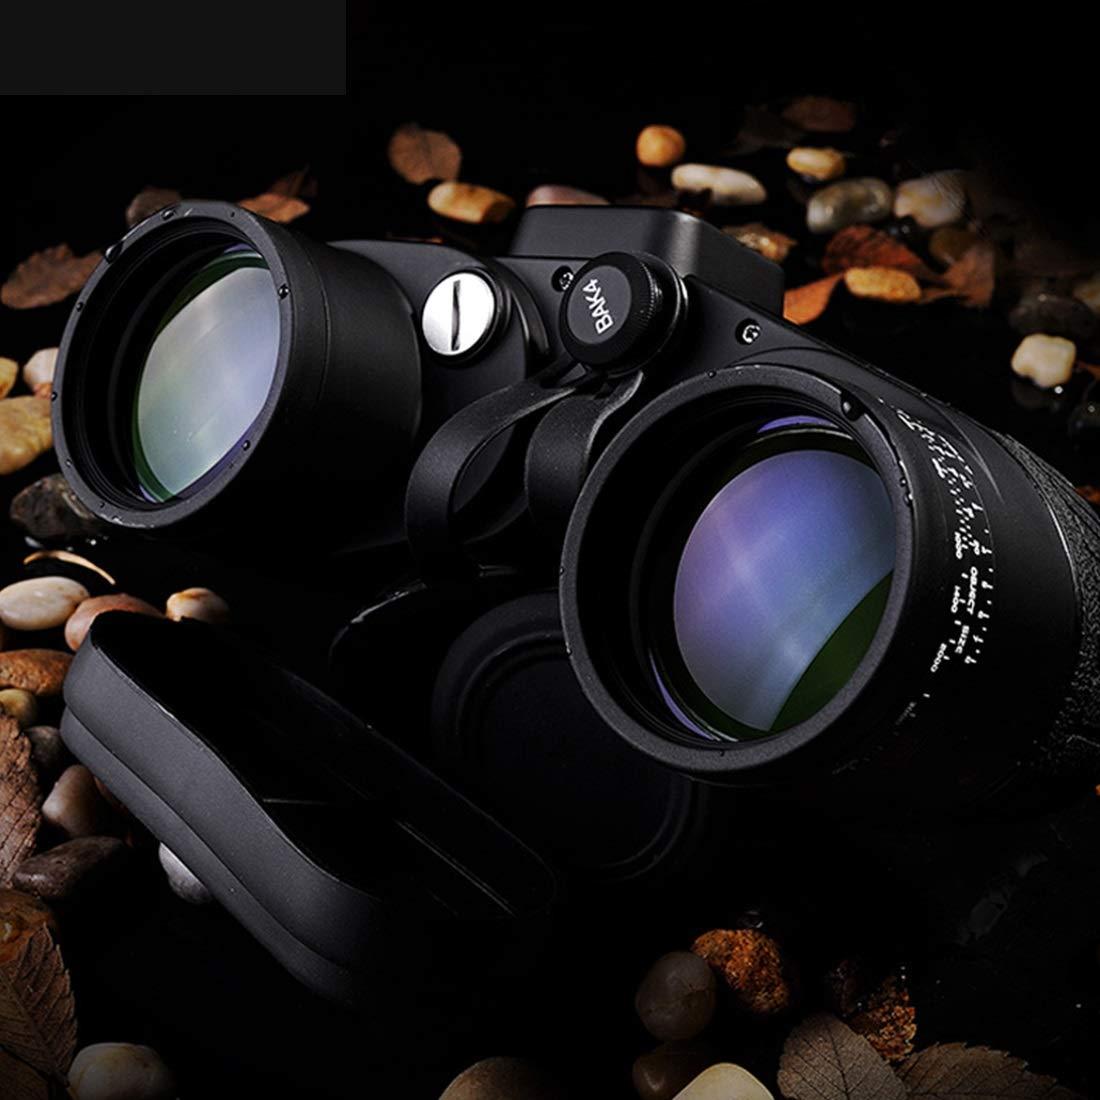 殿堂 Nekovan Nekovan 大人のための10×50の強力な双眼鏡、屋外の鳥の鑑賞スポーツイベントの弱い夜間視界を持つ防水コンパック双眼鏡 ブラック ブラック B07Q7GW16Q, 天然石 パワーストーン ラトリエ:9f85decf --- agiven.com